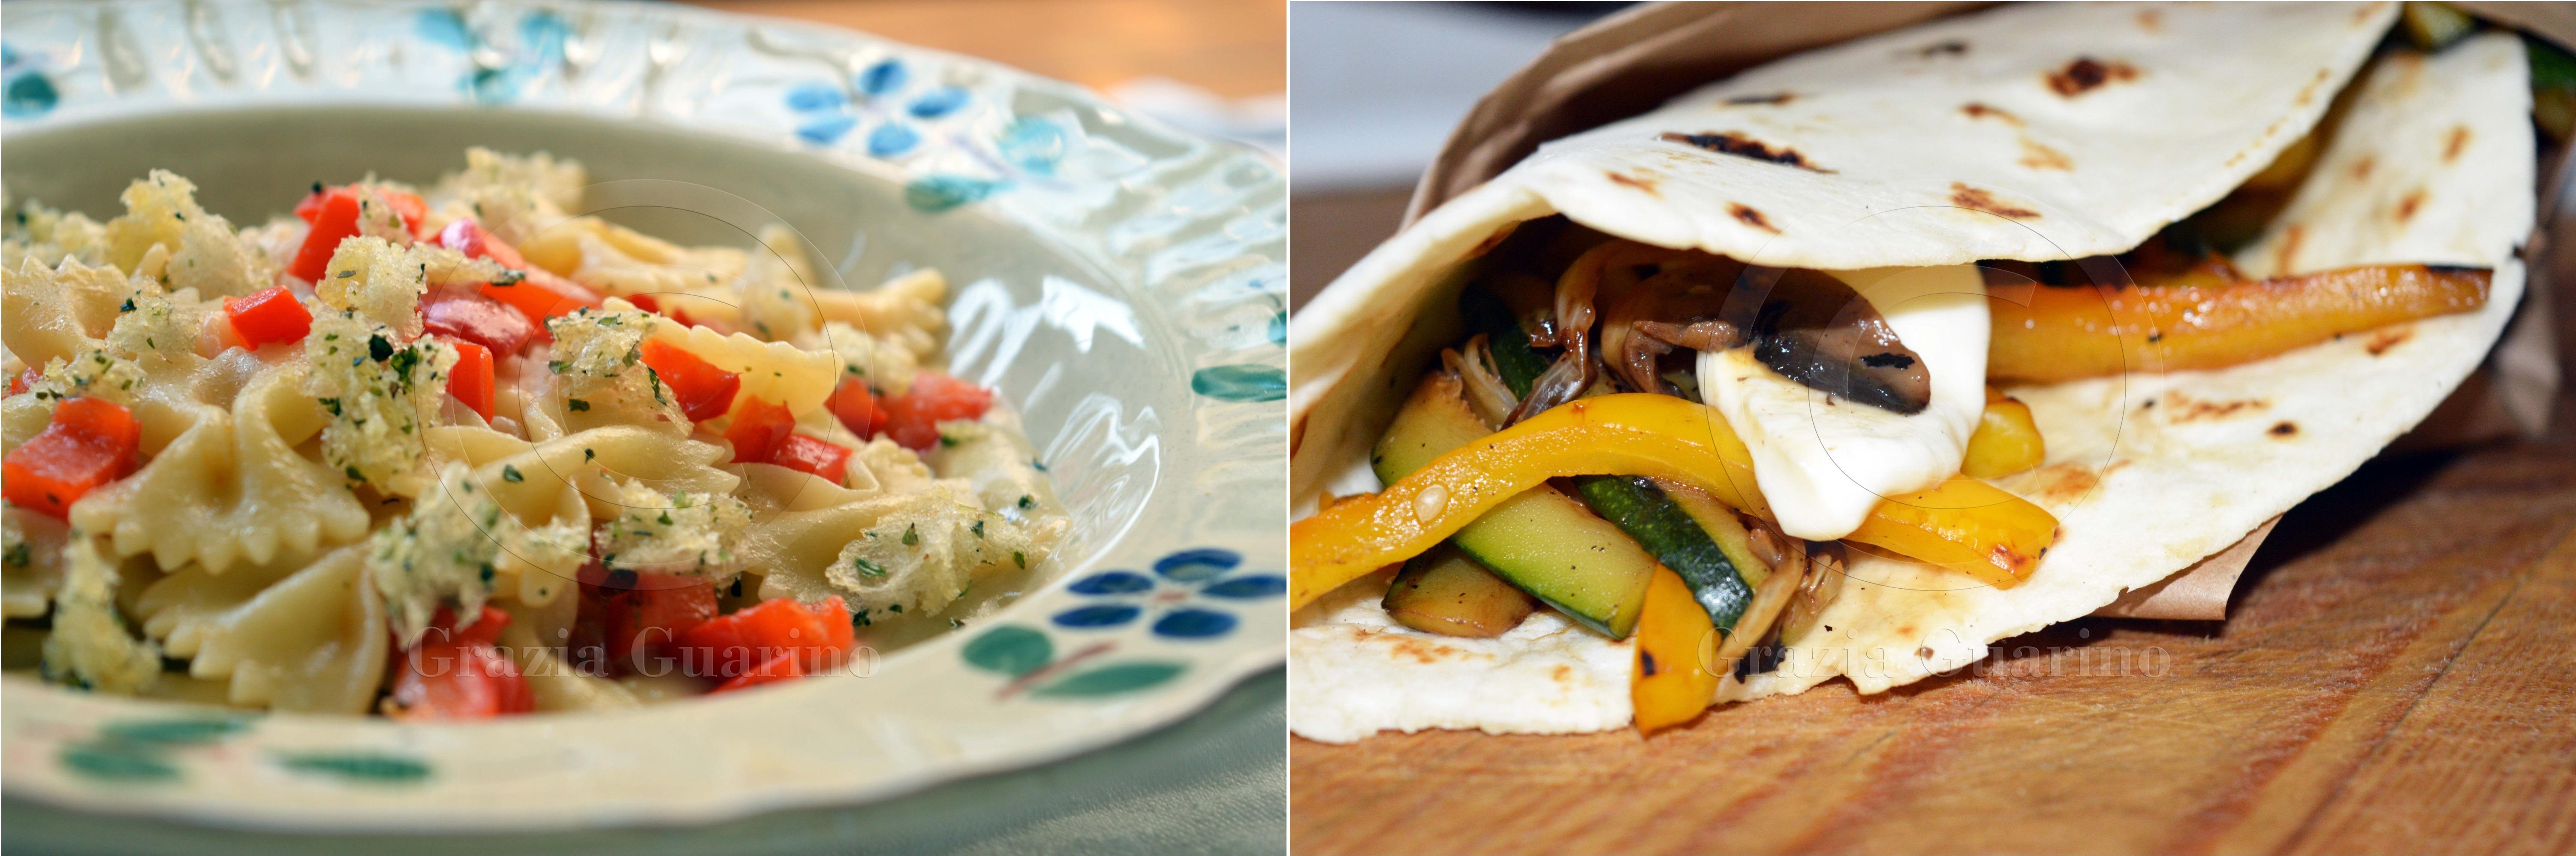 Quomi un nuovo modo per cucinare a casa gnamgnamstyle - Cucinare a casa ...